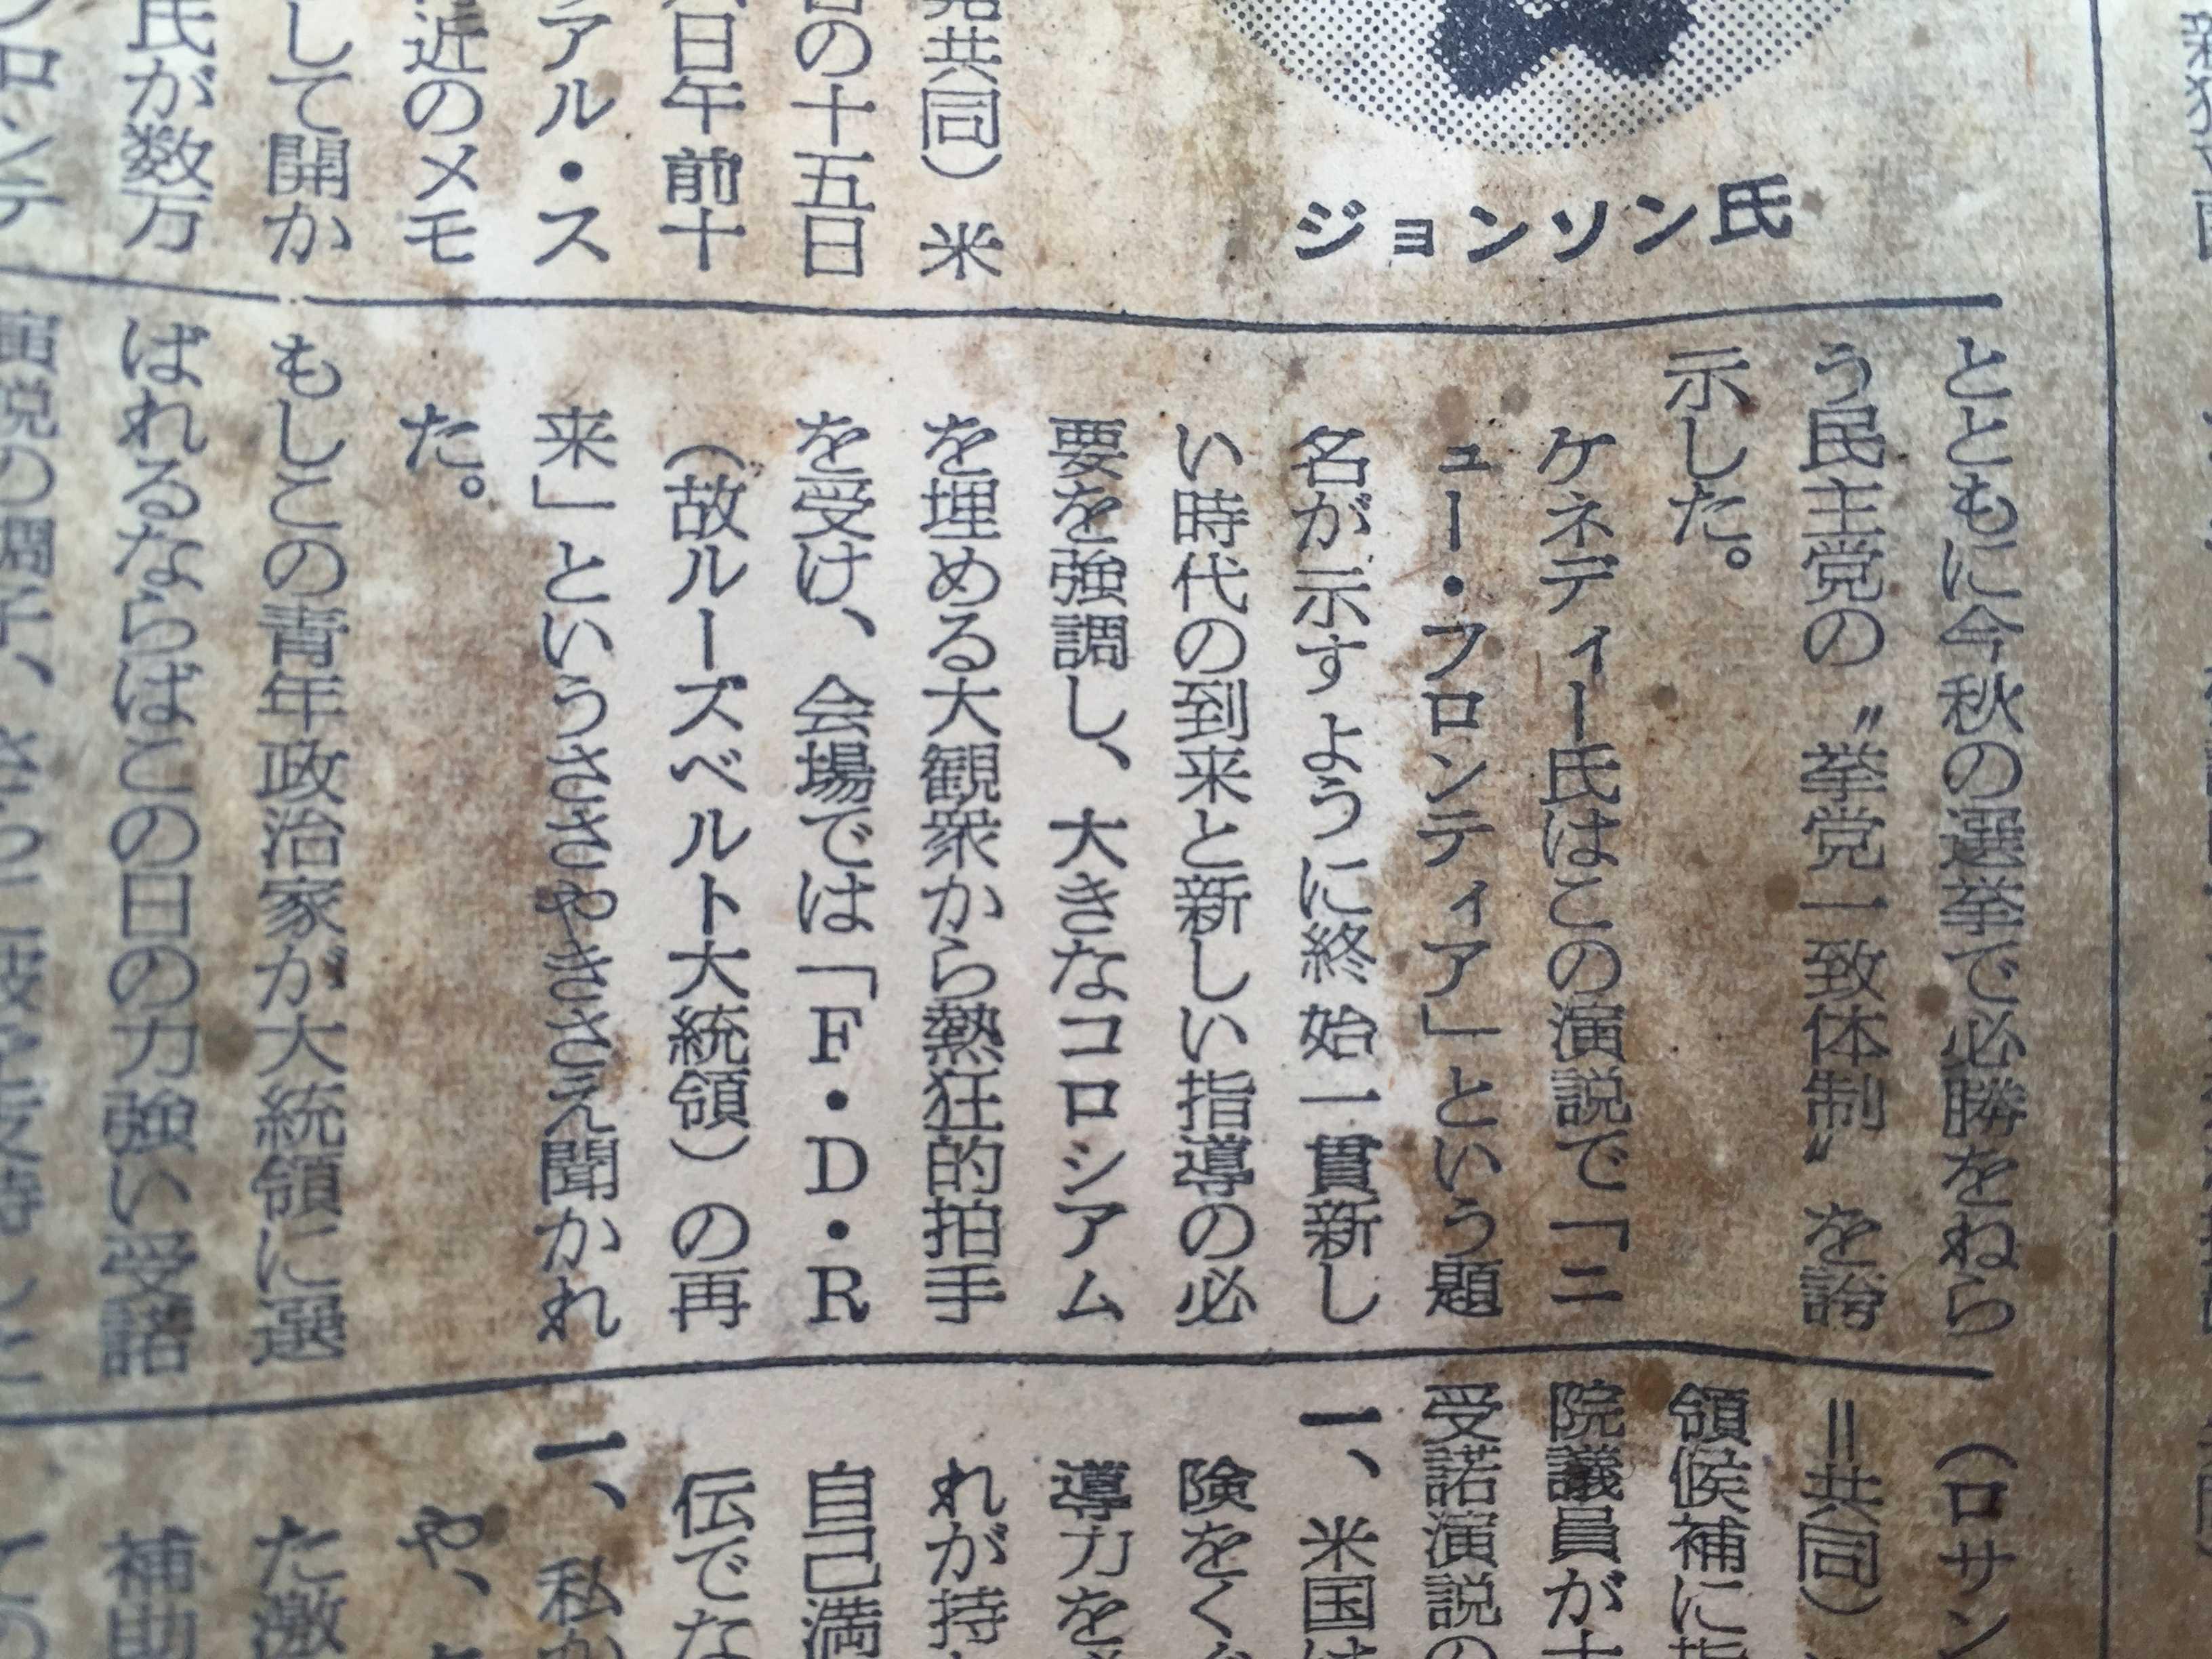 昭和35年(1960年)7月16日 ケネディ大統領の大統領候補指名受諾演説